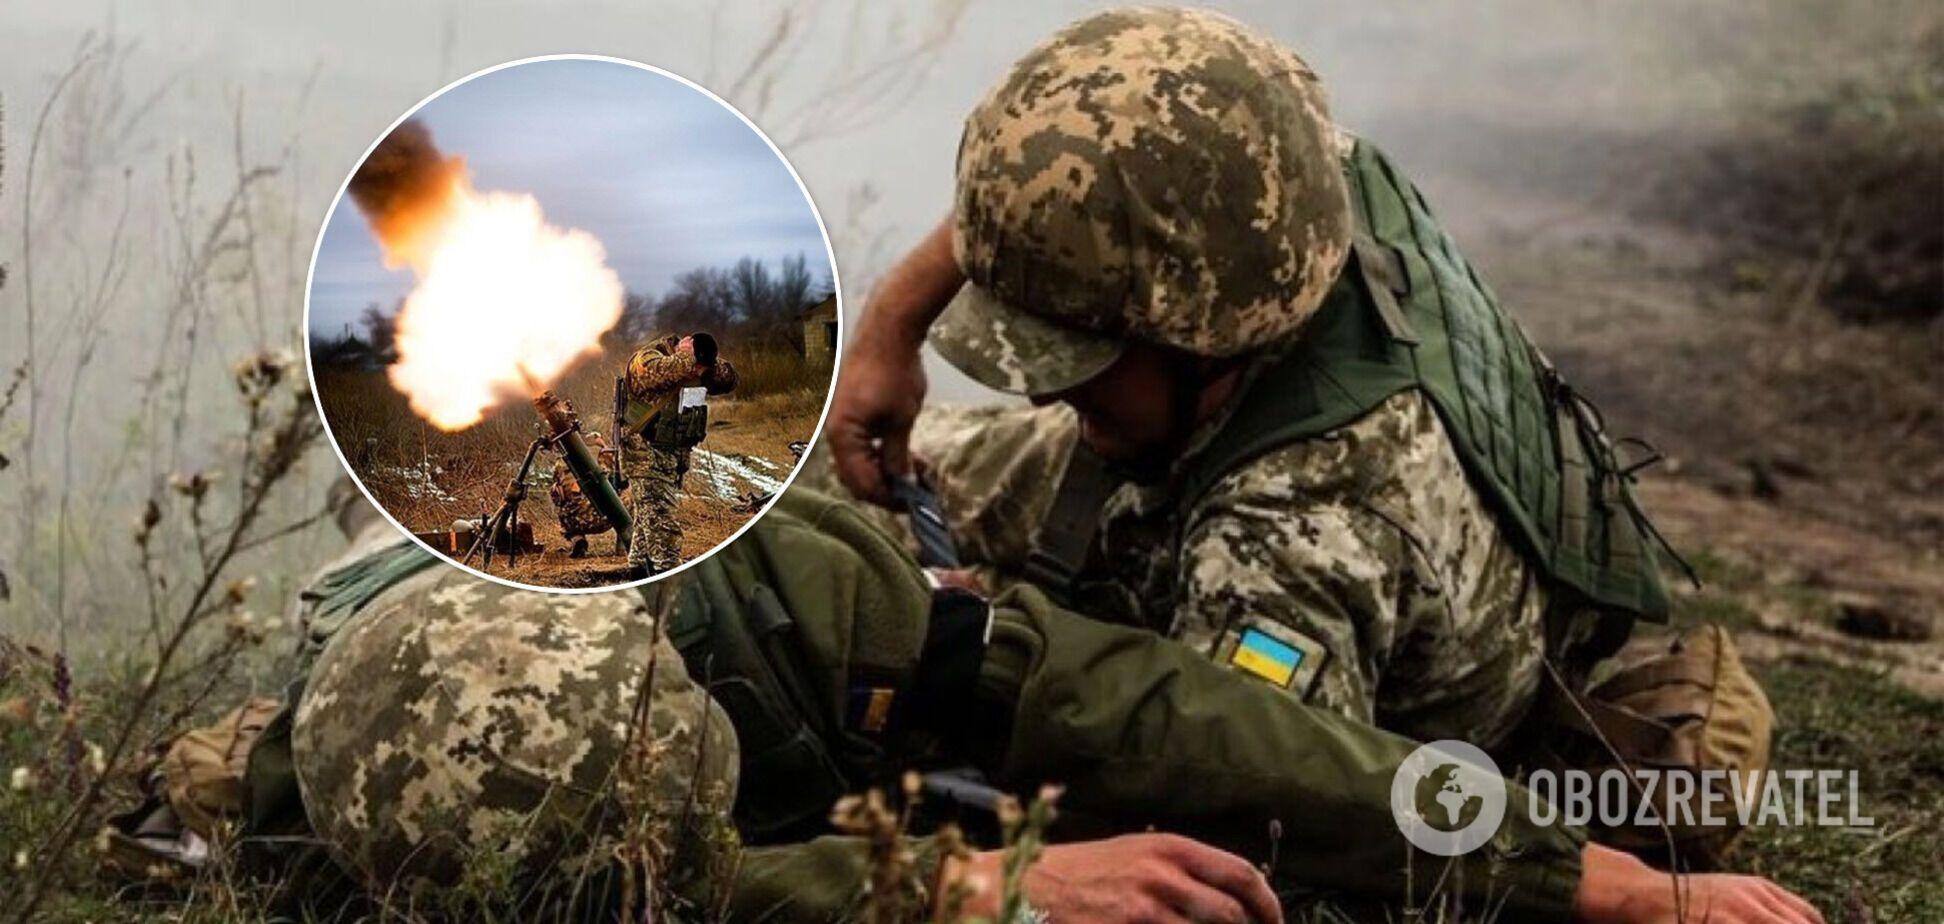 На Донбассе убили украинского военного: подробности трагедии